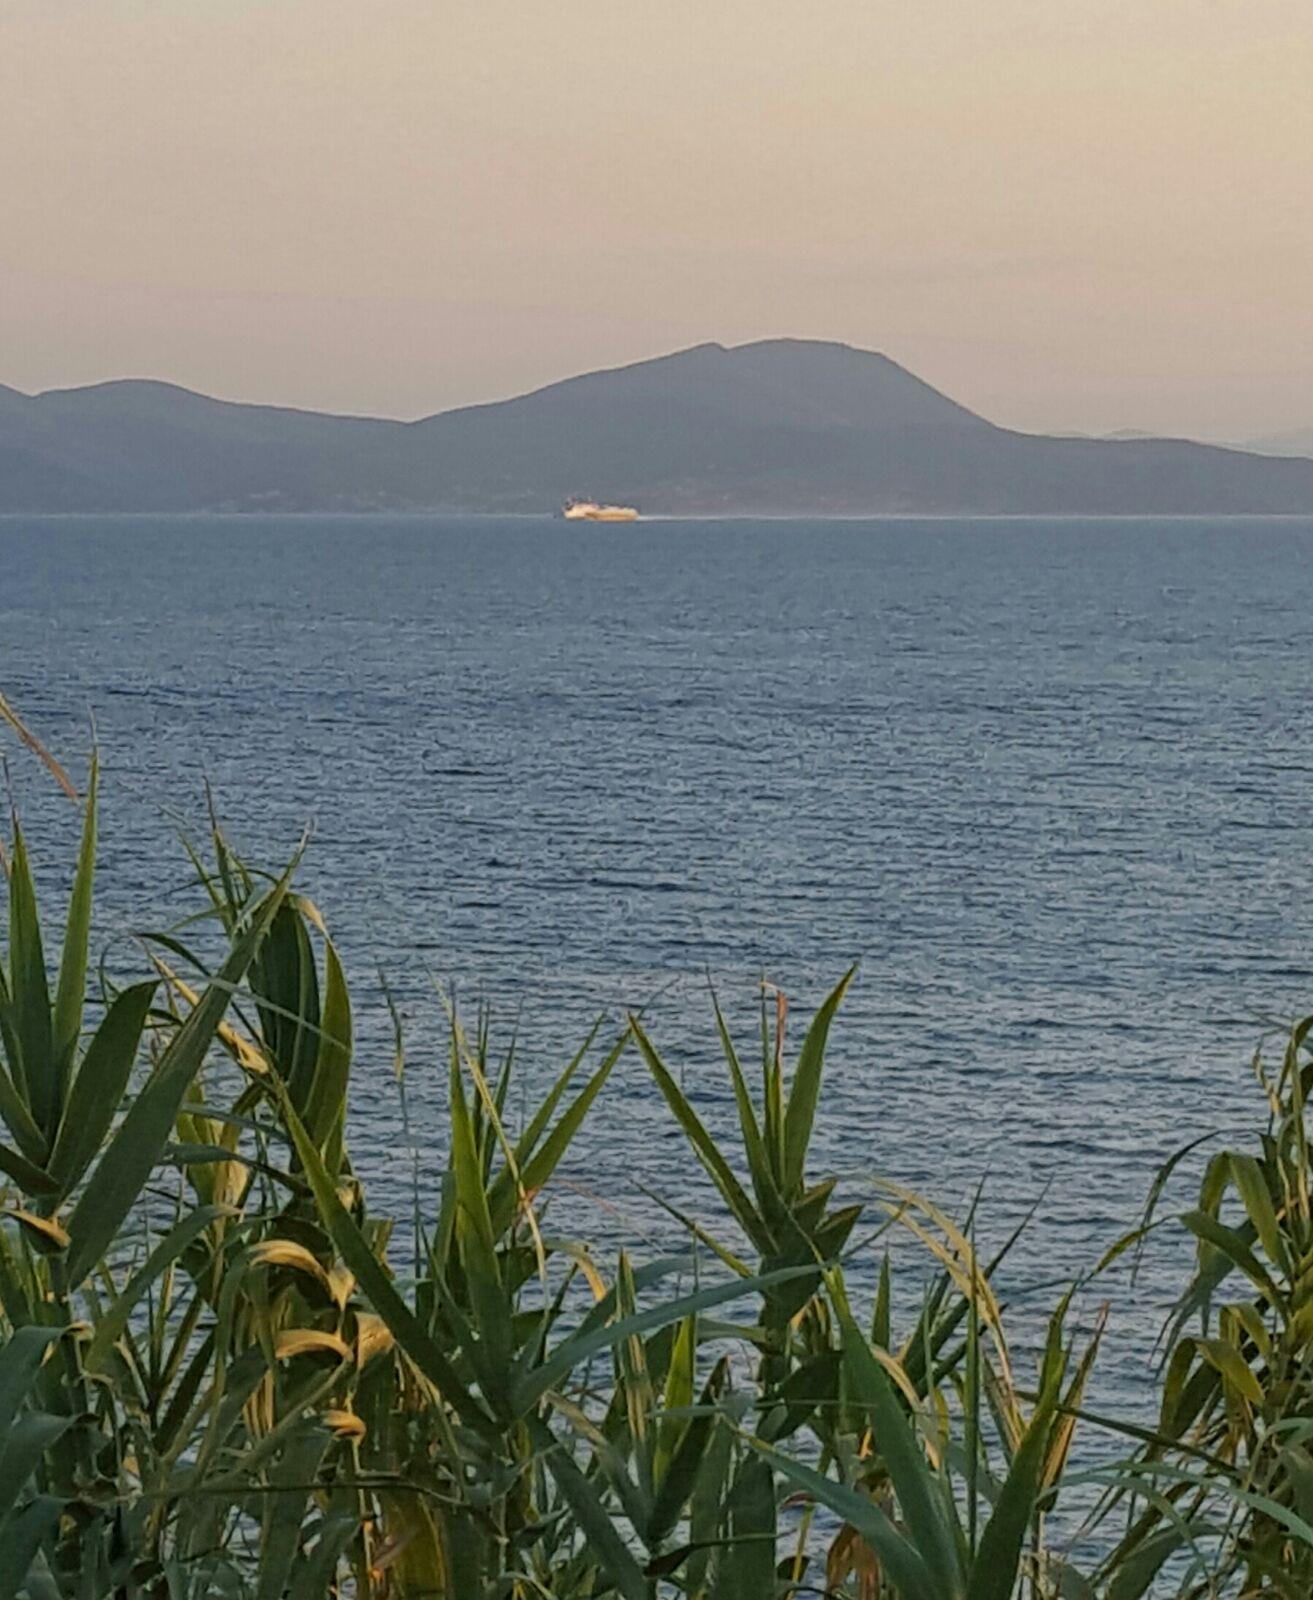 l'isola al tramonto